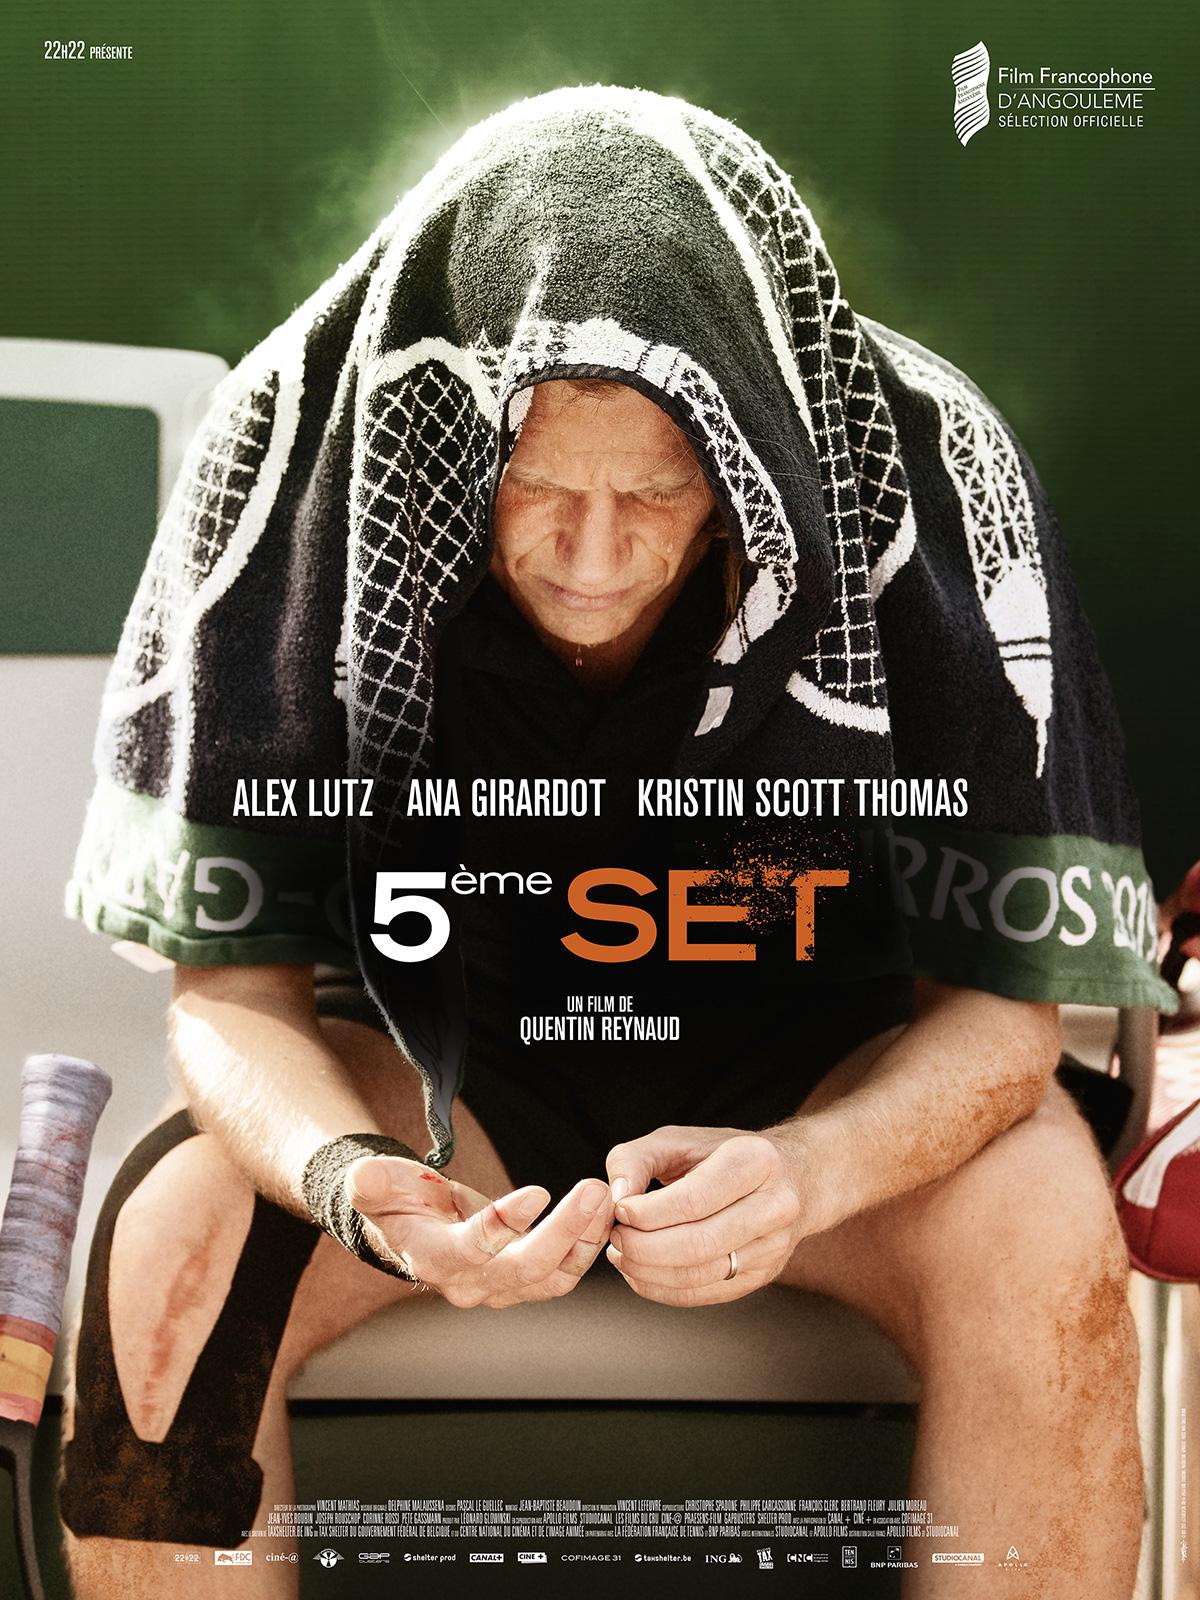 5ème Set - film 2019 - AlloCiné